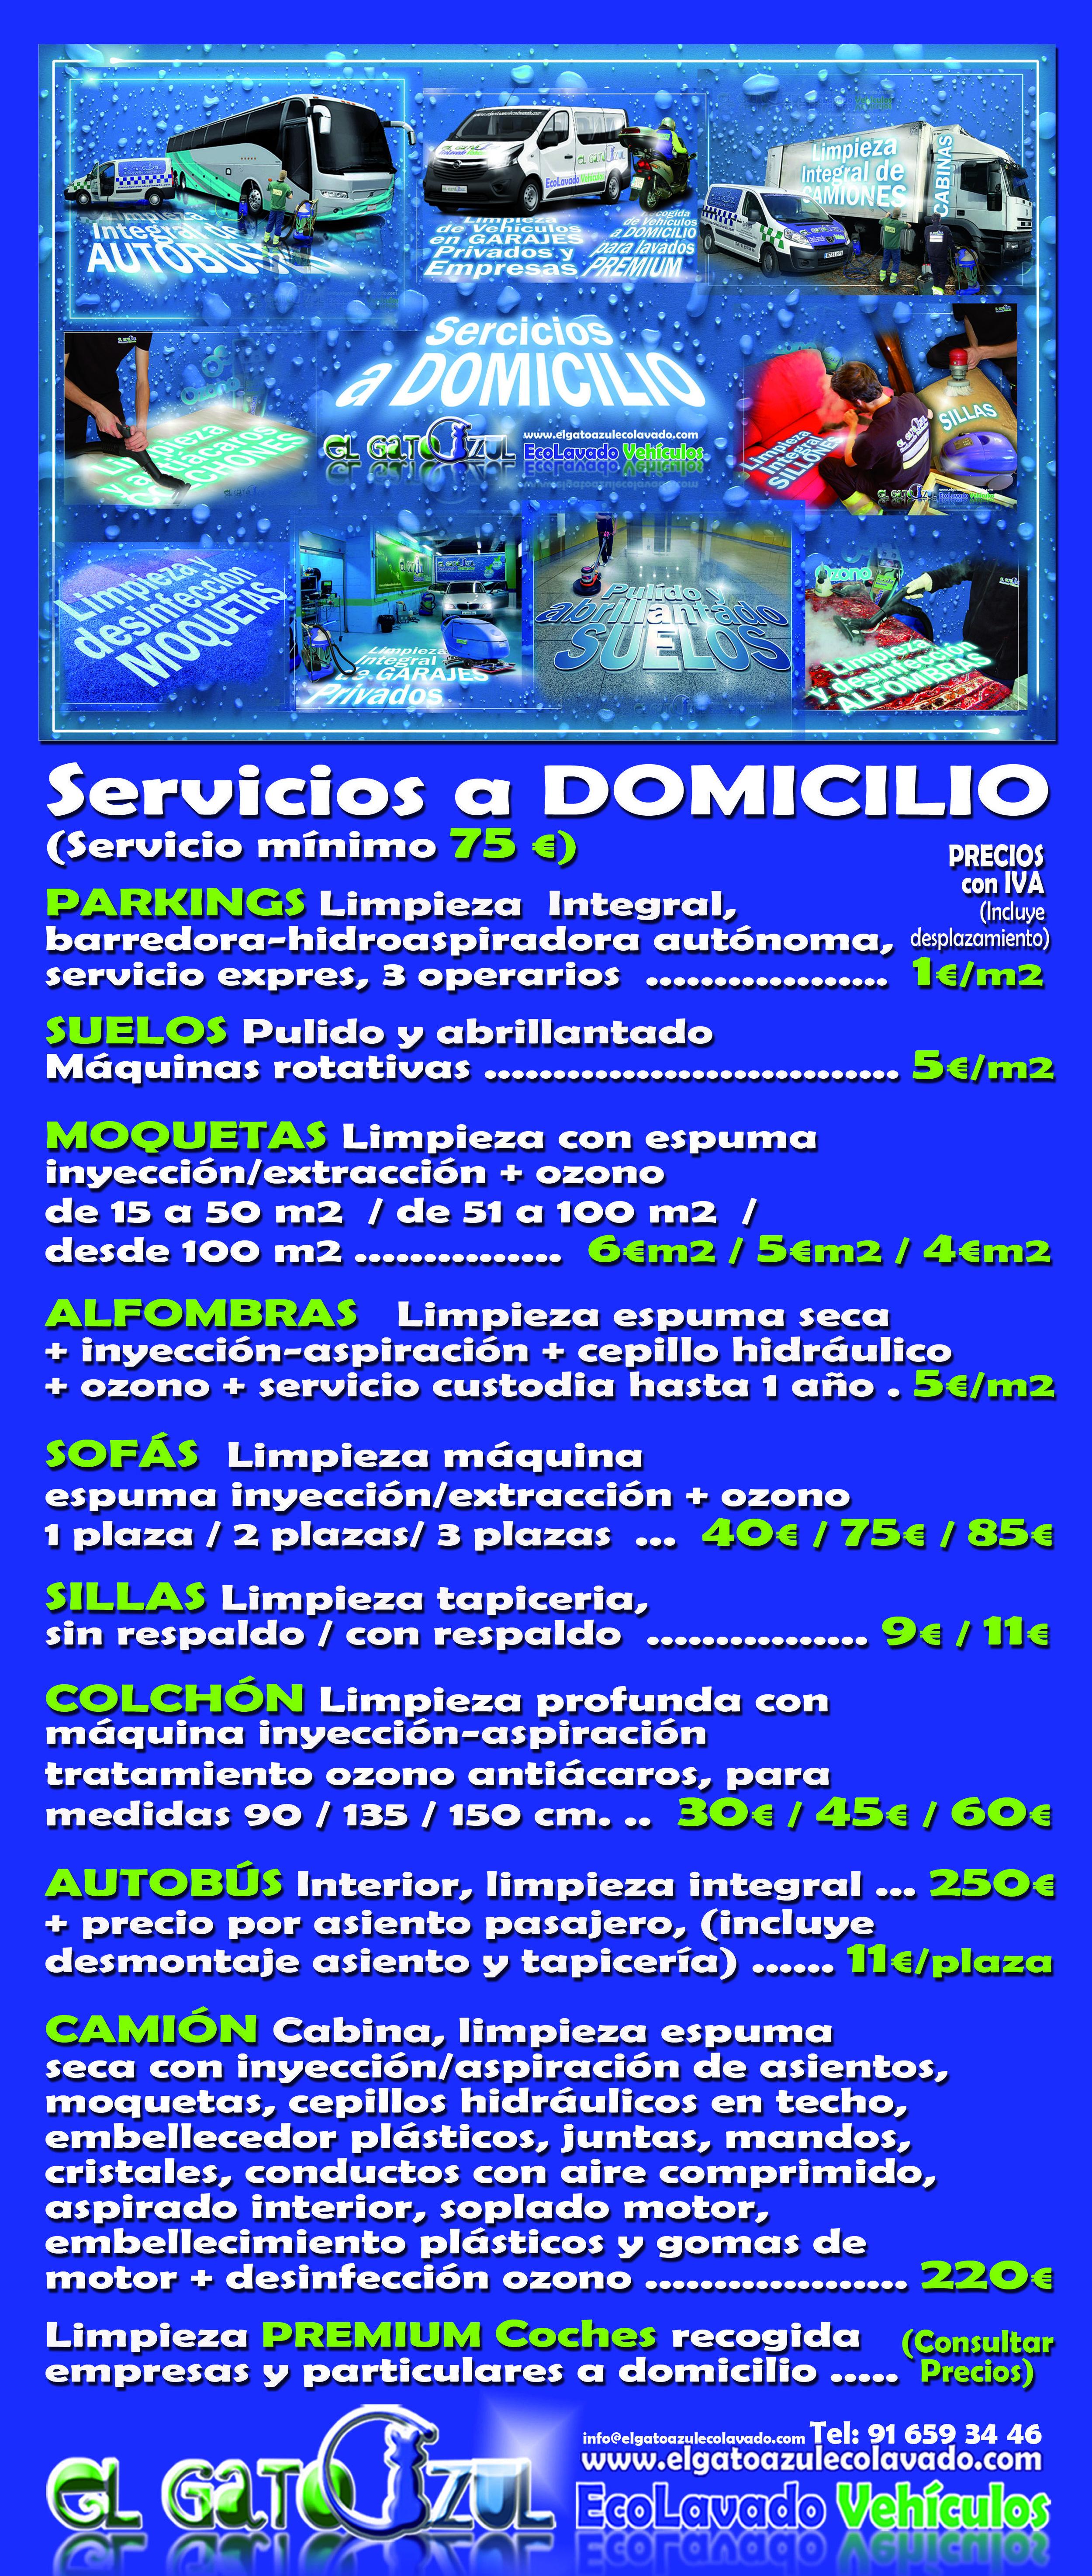 Nuevo Servicio a Domicilio